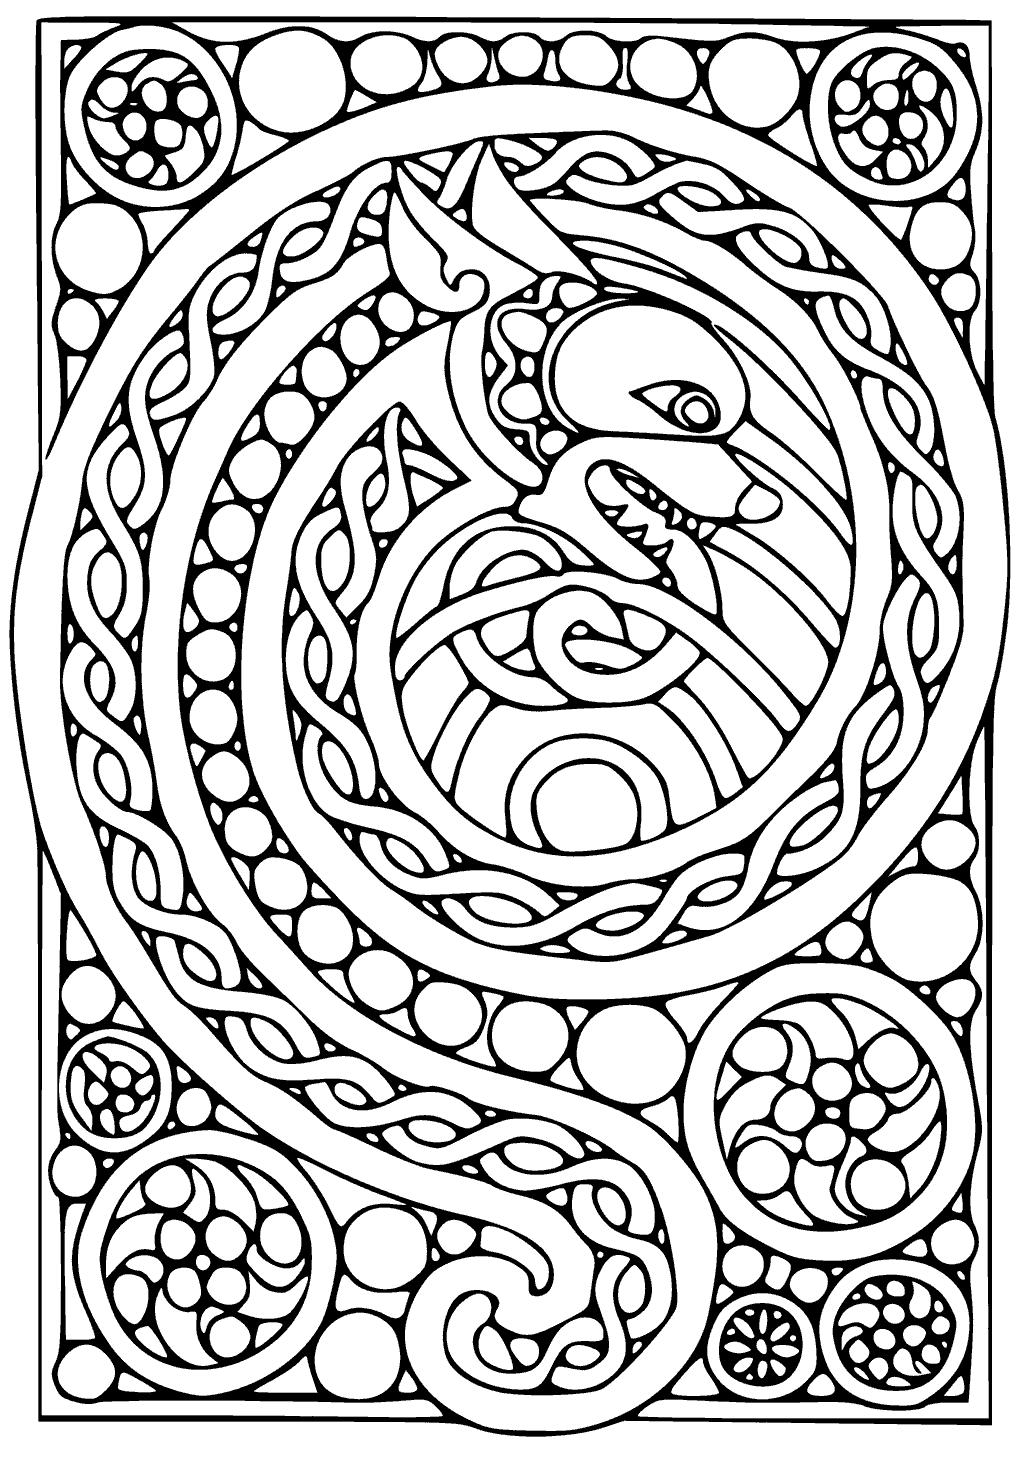 celtic art hannah39s artblog celtic knots celtic art